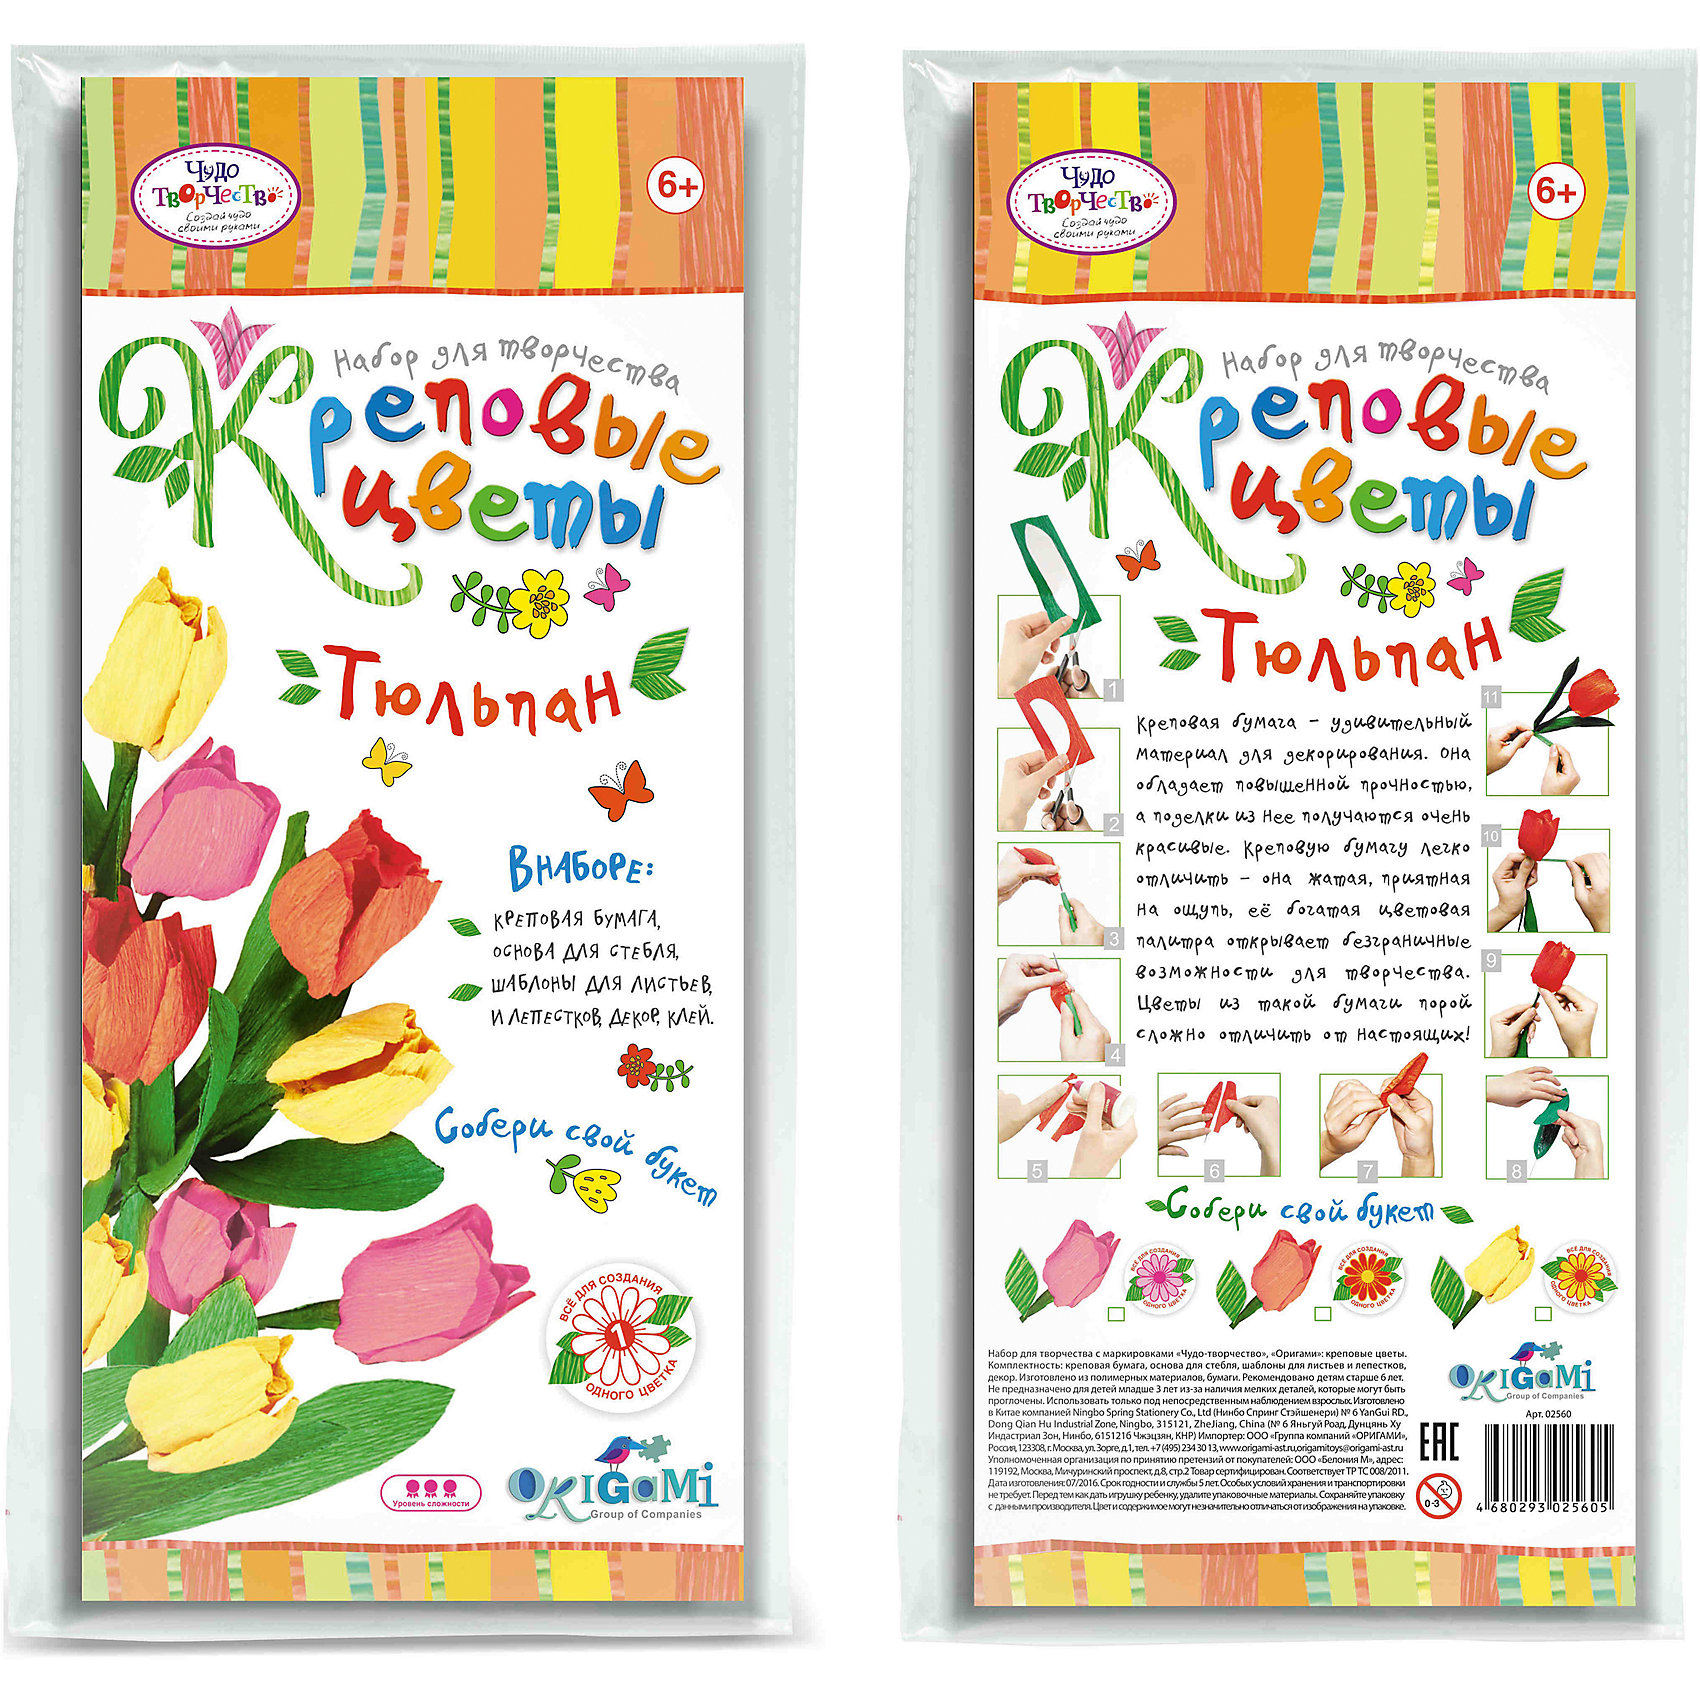 Креповые цветы своими руками Тюльпан 3 цвета в ассортиментеРукоделие<br>Креповая бумага – удивительный материал для декорирования. Она обладает повышенной прочностью, а поделки из нее получаются очень красивые. Креповую бумагу легко отличить - она жатая, приятная на ощупь, ее богатая цветовая палитра открывает безграничные возможности для творчества. Цветы из такой бумаги порой сложно отличить от настоящих! В наборе все для создания 1 цветка. Собери свой букет! Рекомендуемый возраст: 6+<br><br>Ширина мм: 150<br>Глубина мм: 20<br>Высота мм: 350<br>Вес г: 70<br>Возраст от месяцев: 72<br>Возраст до месяцев: 108<br>Пол: Женский<br>Возраст: Детский<br>SKU: 5165799